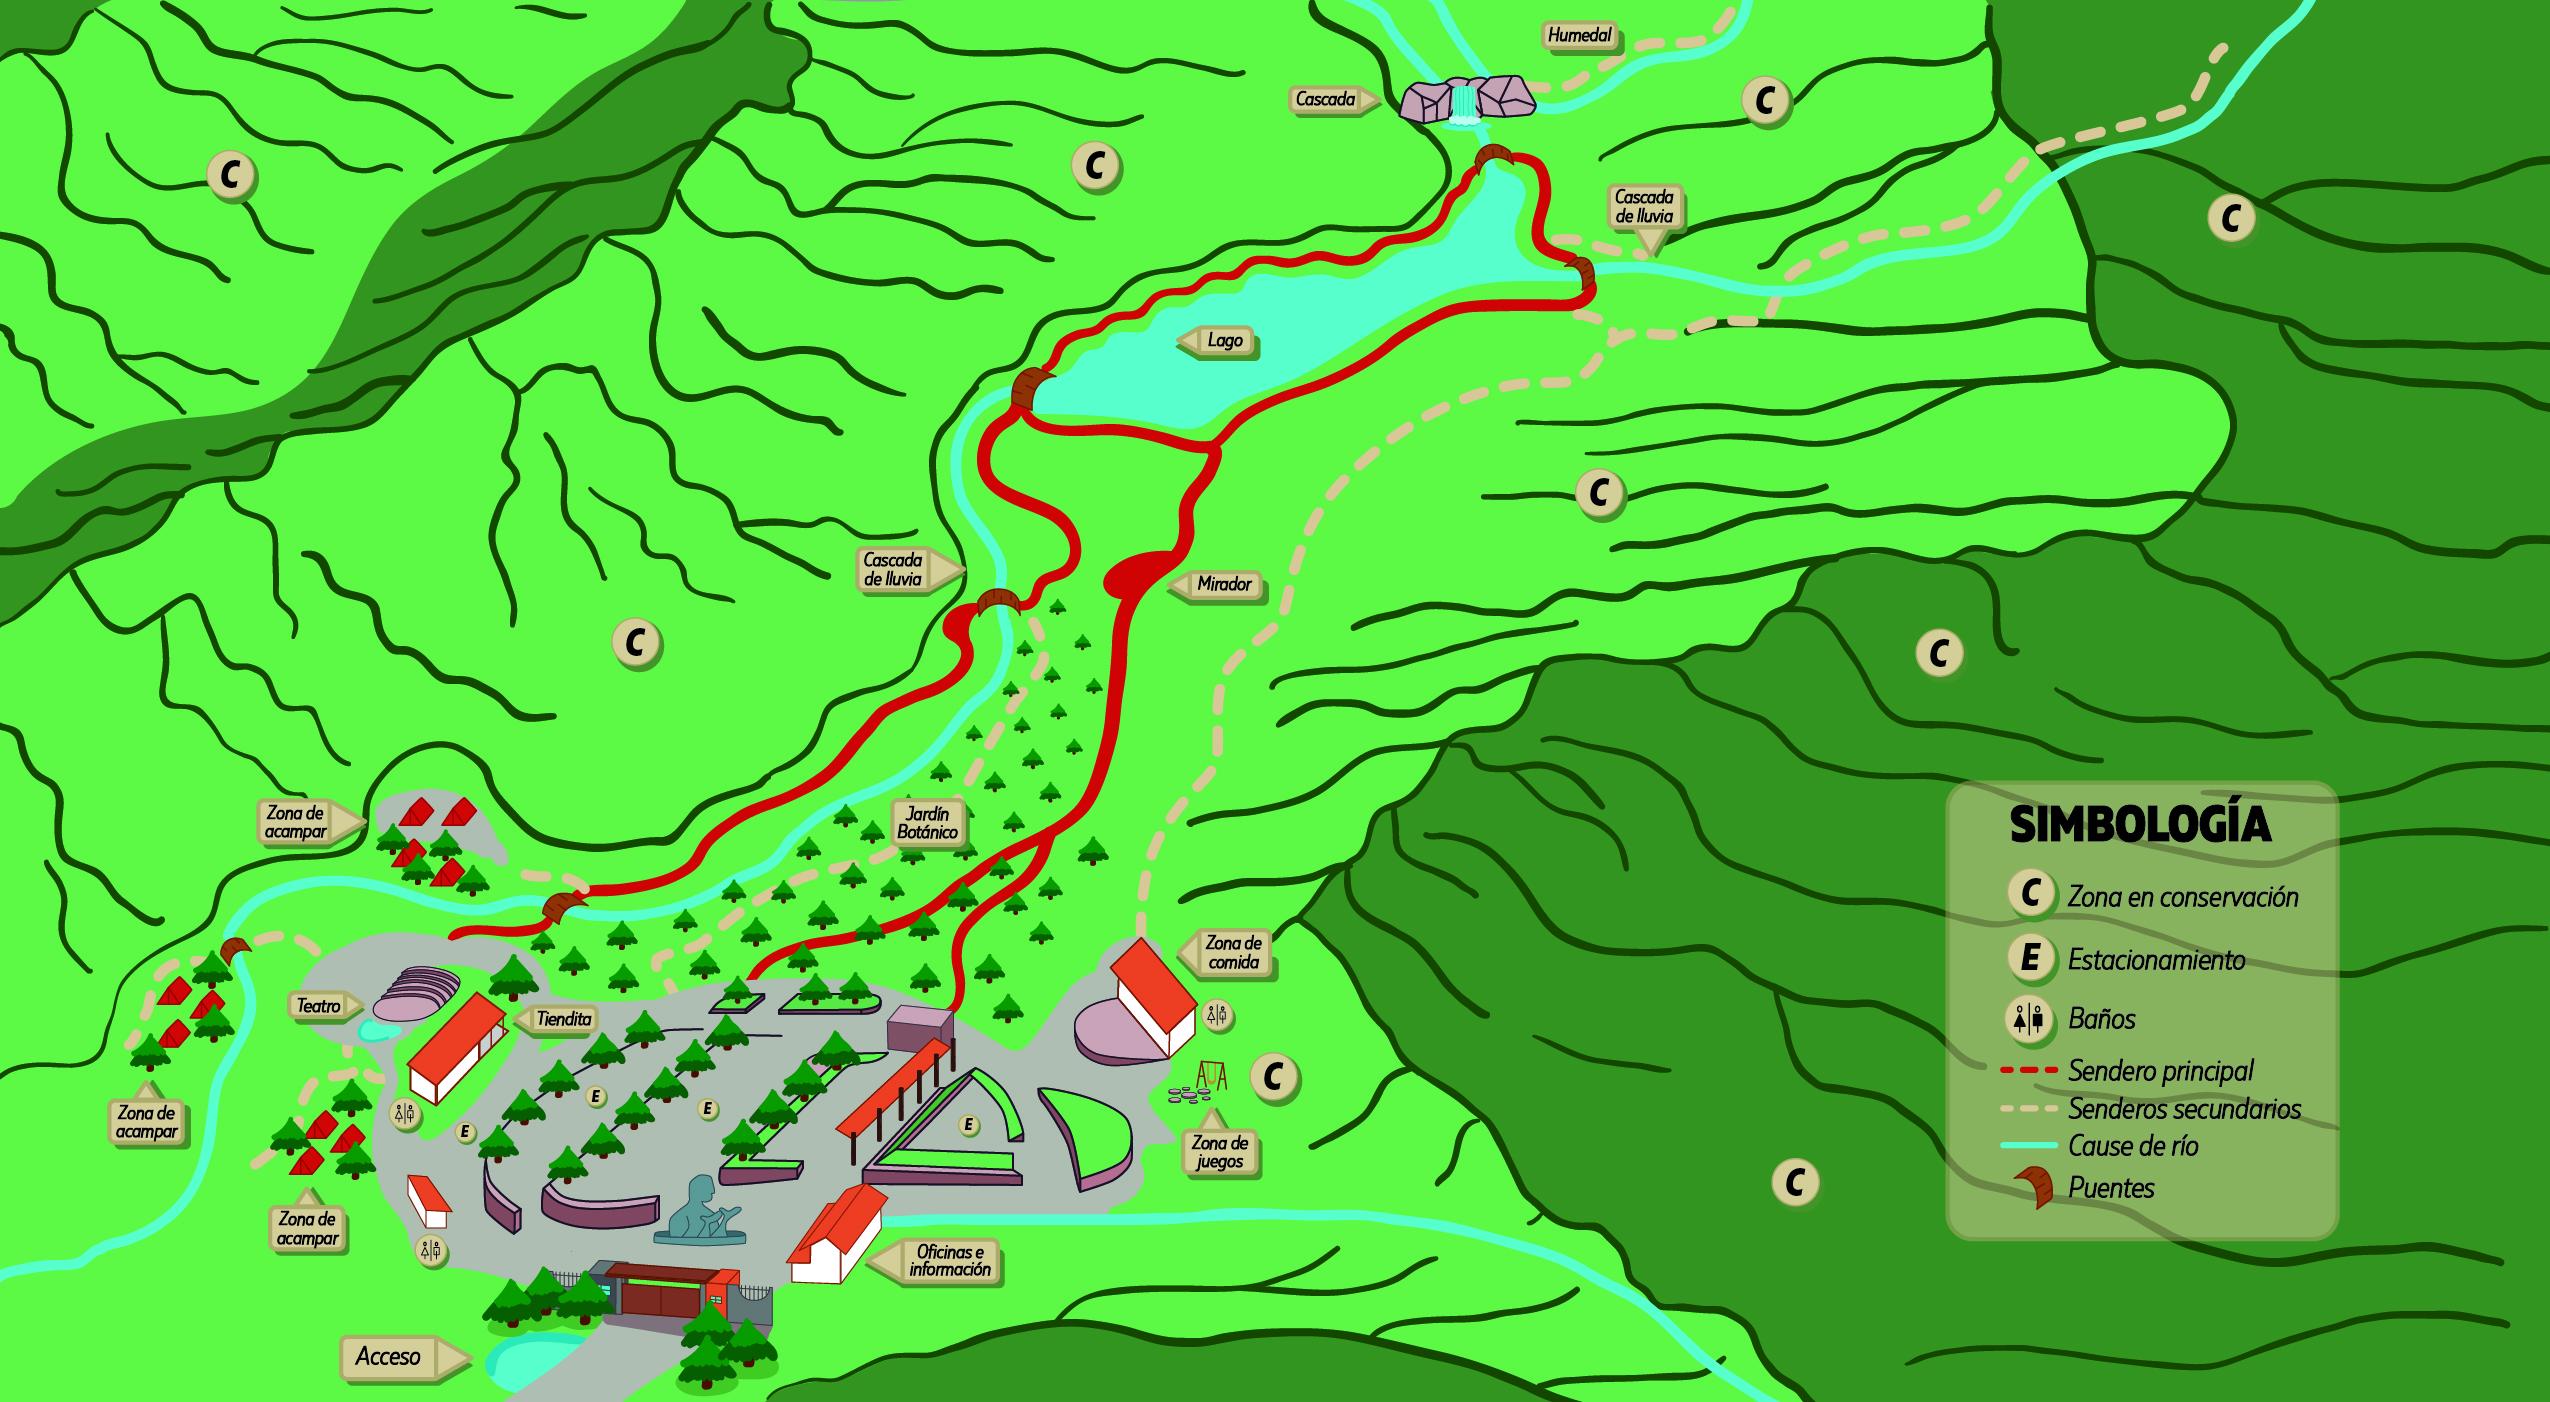 La-Beata-Mapa